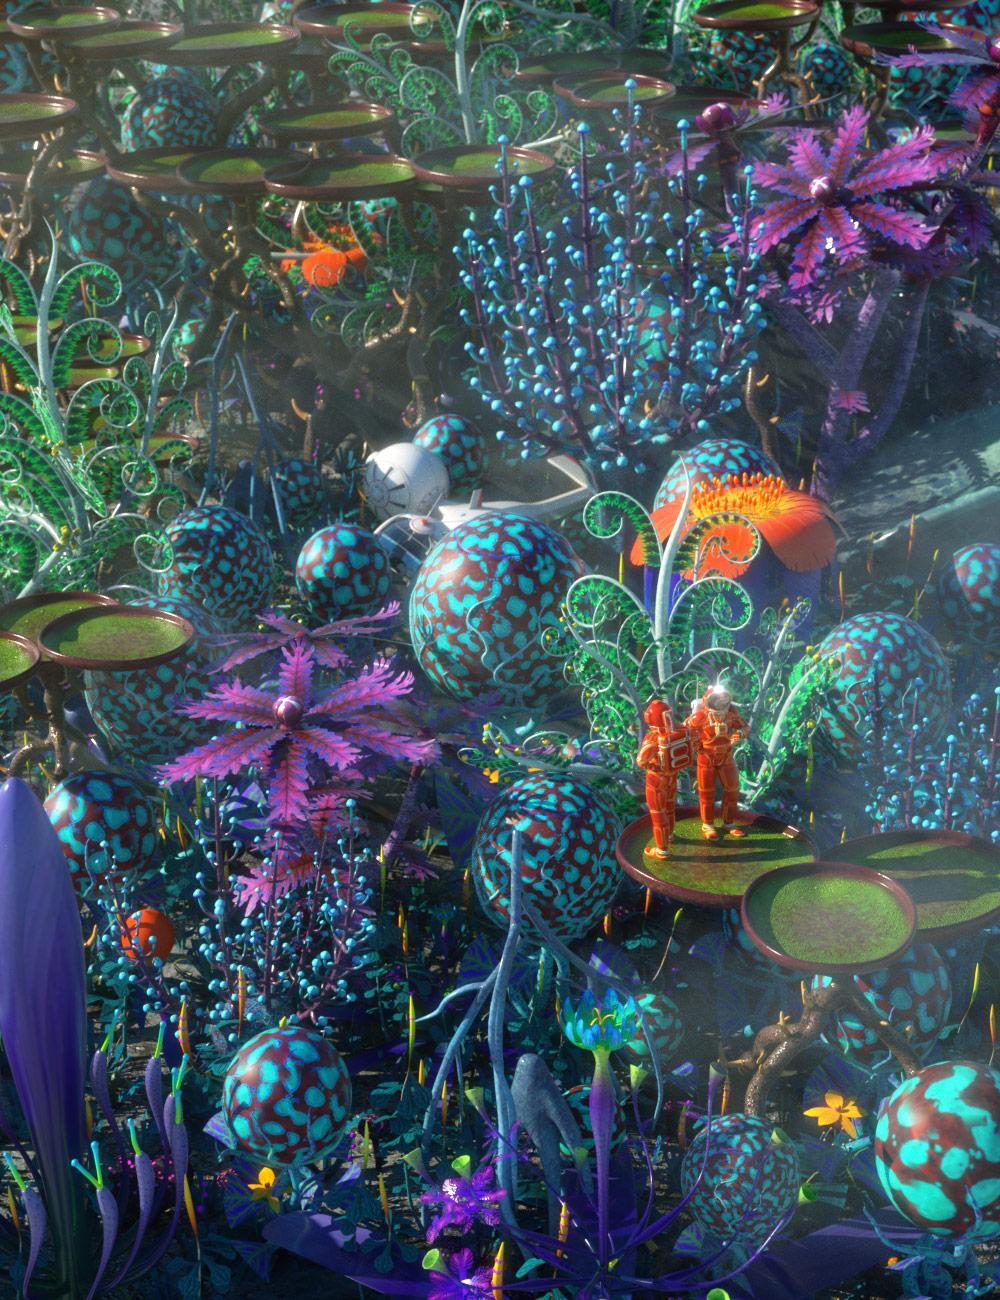 Alien Plants by: petipet, 3D Models by Daz 3D